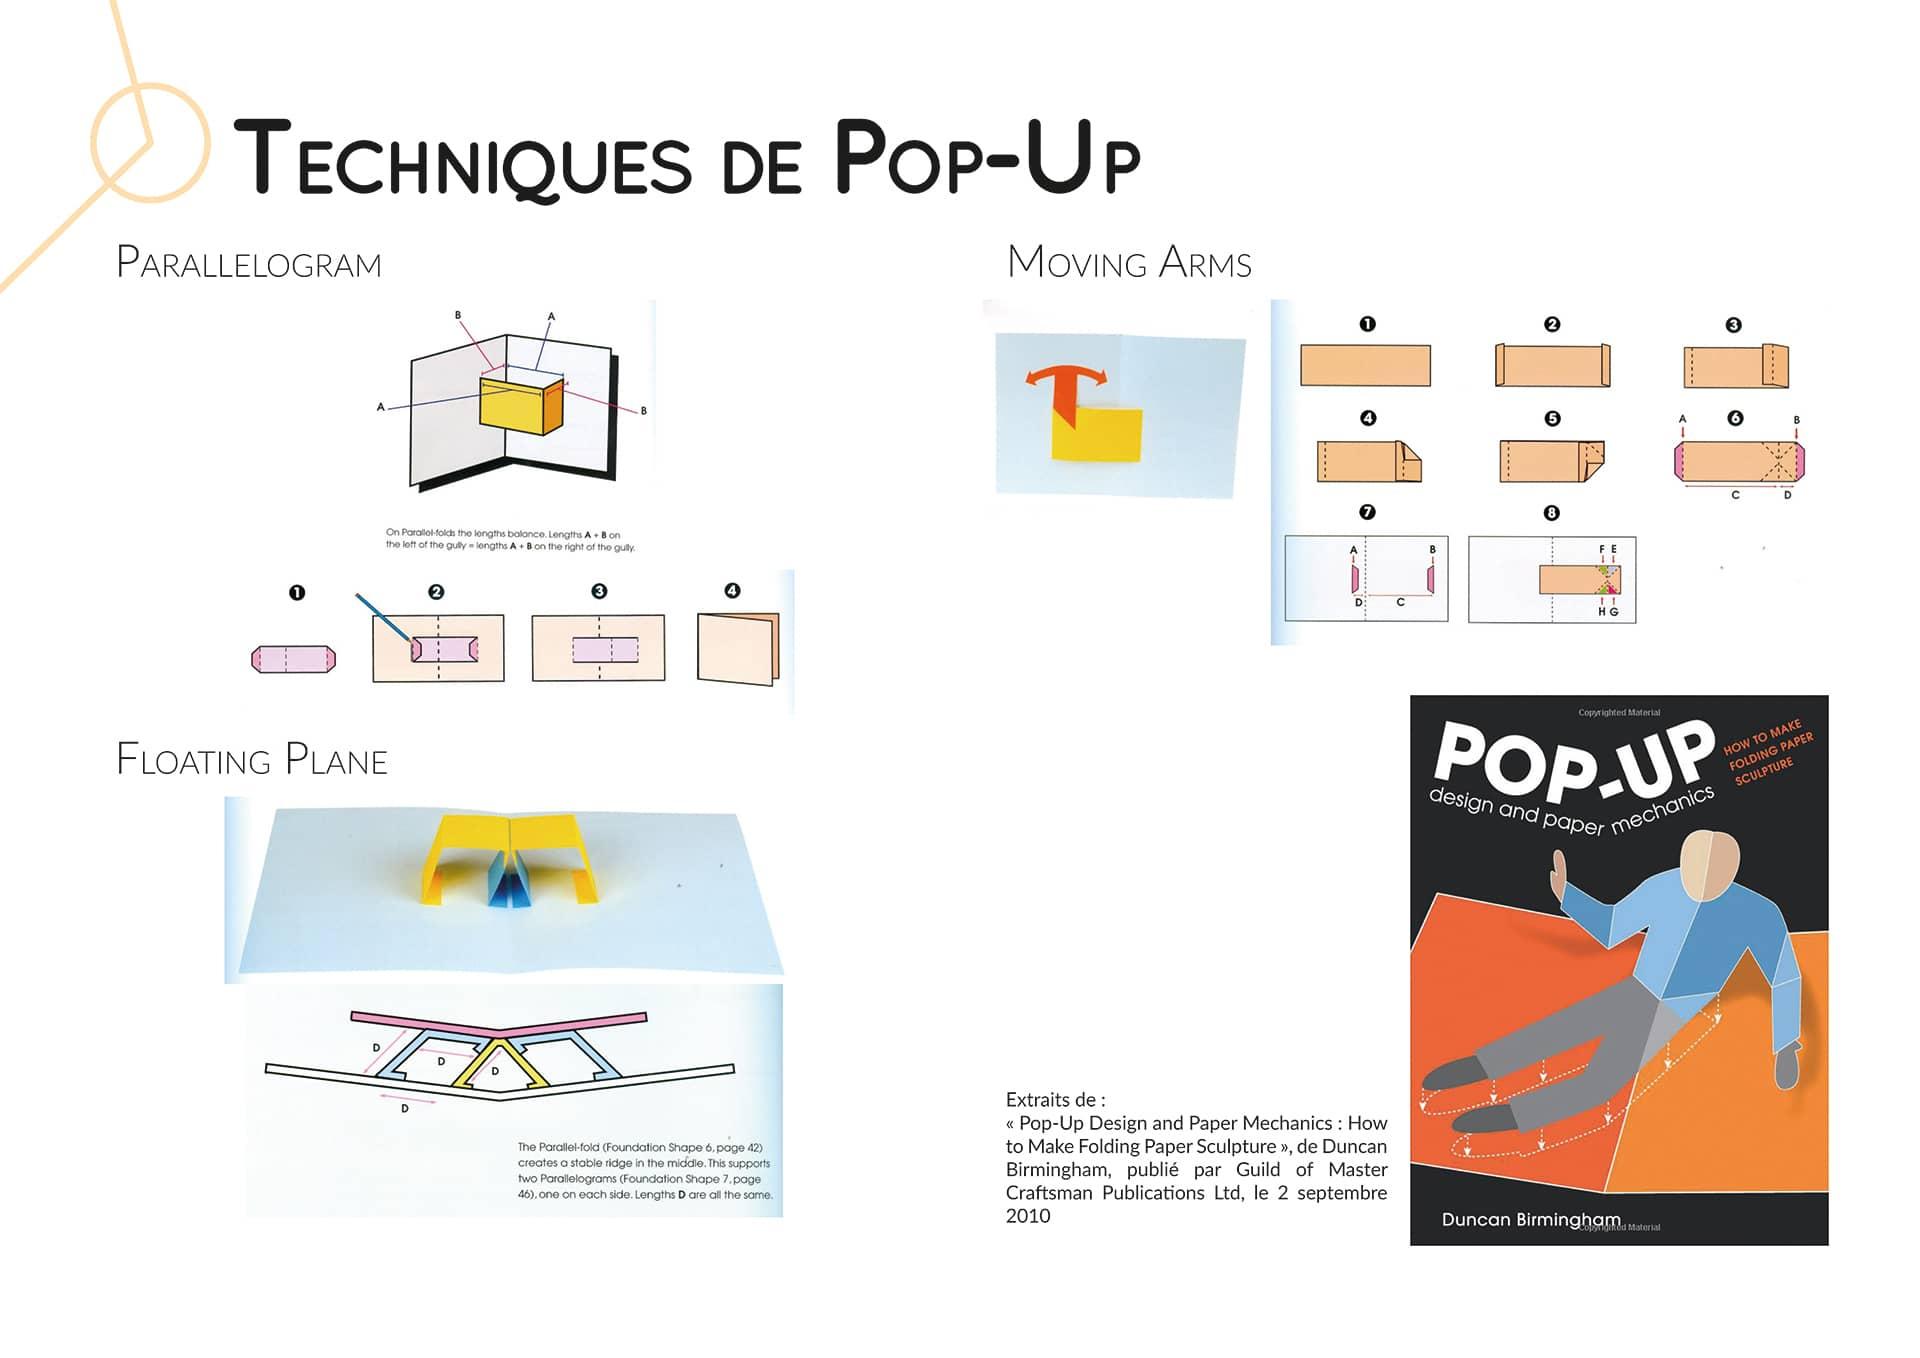 Techniques de pop-up